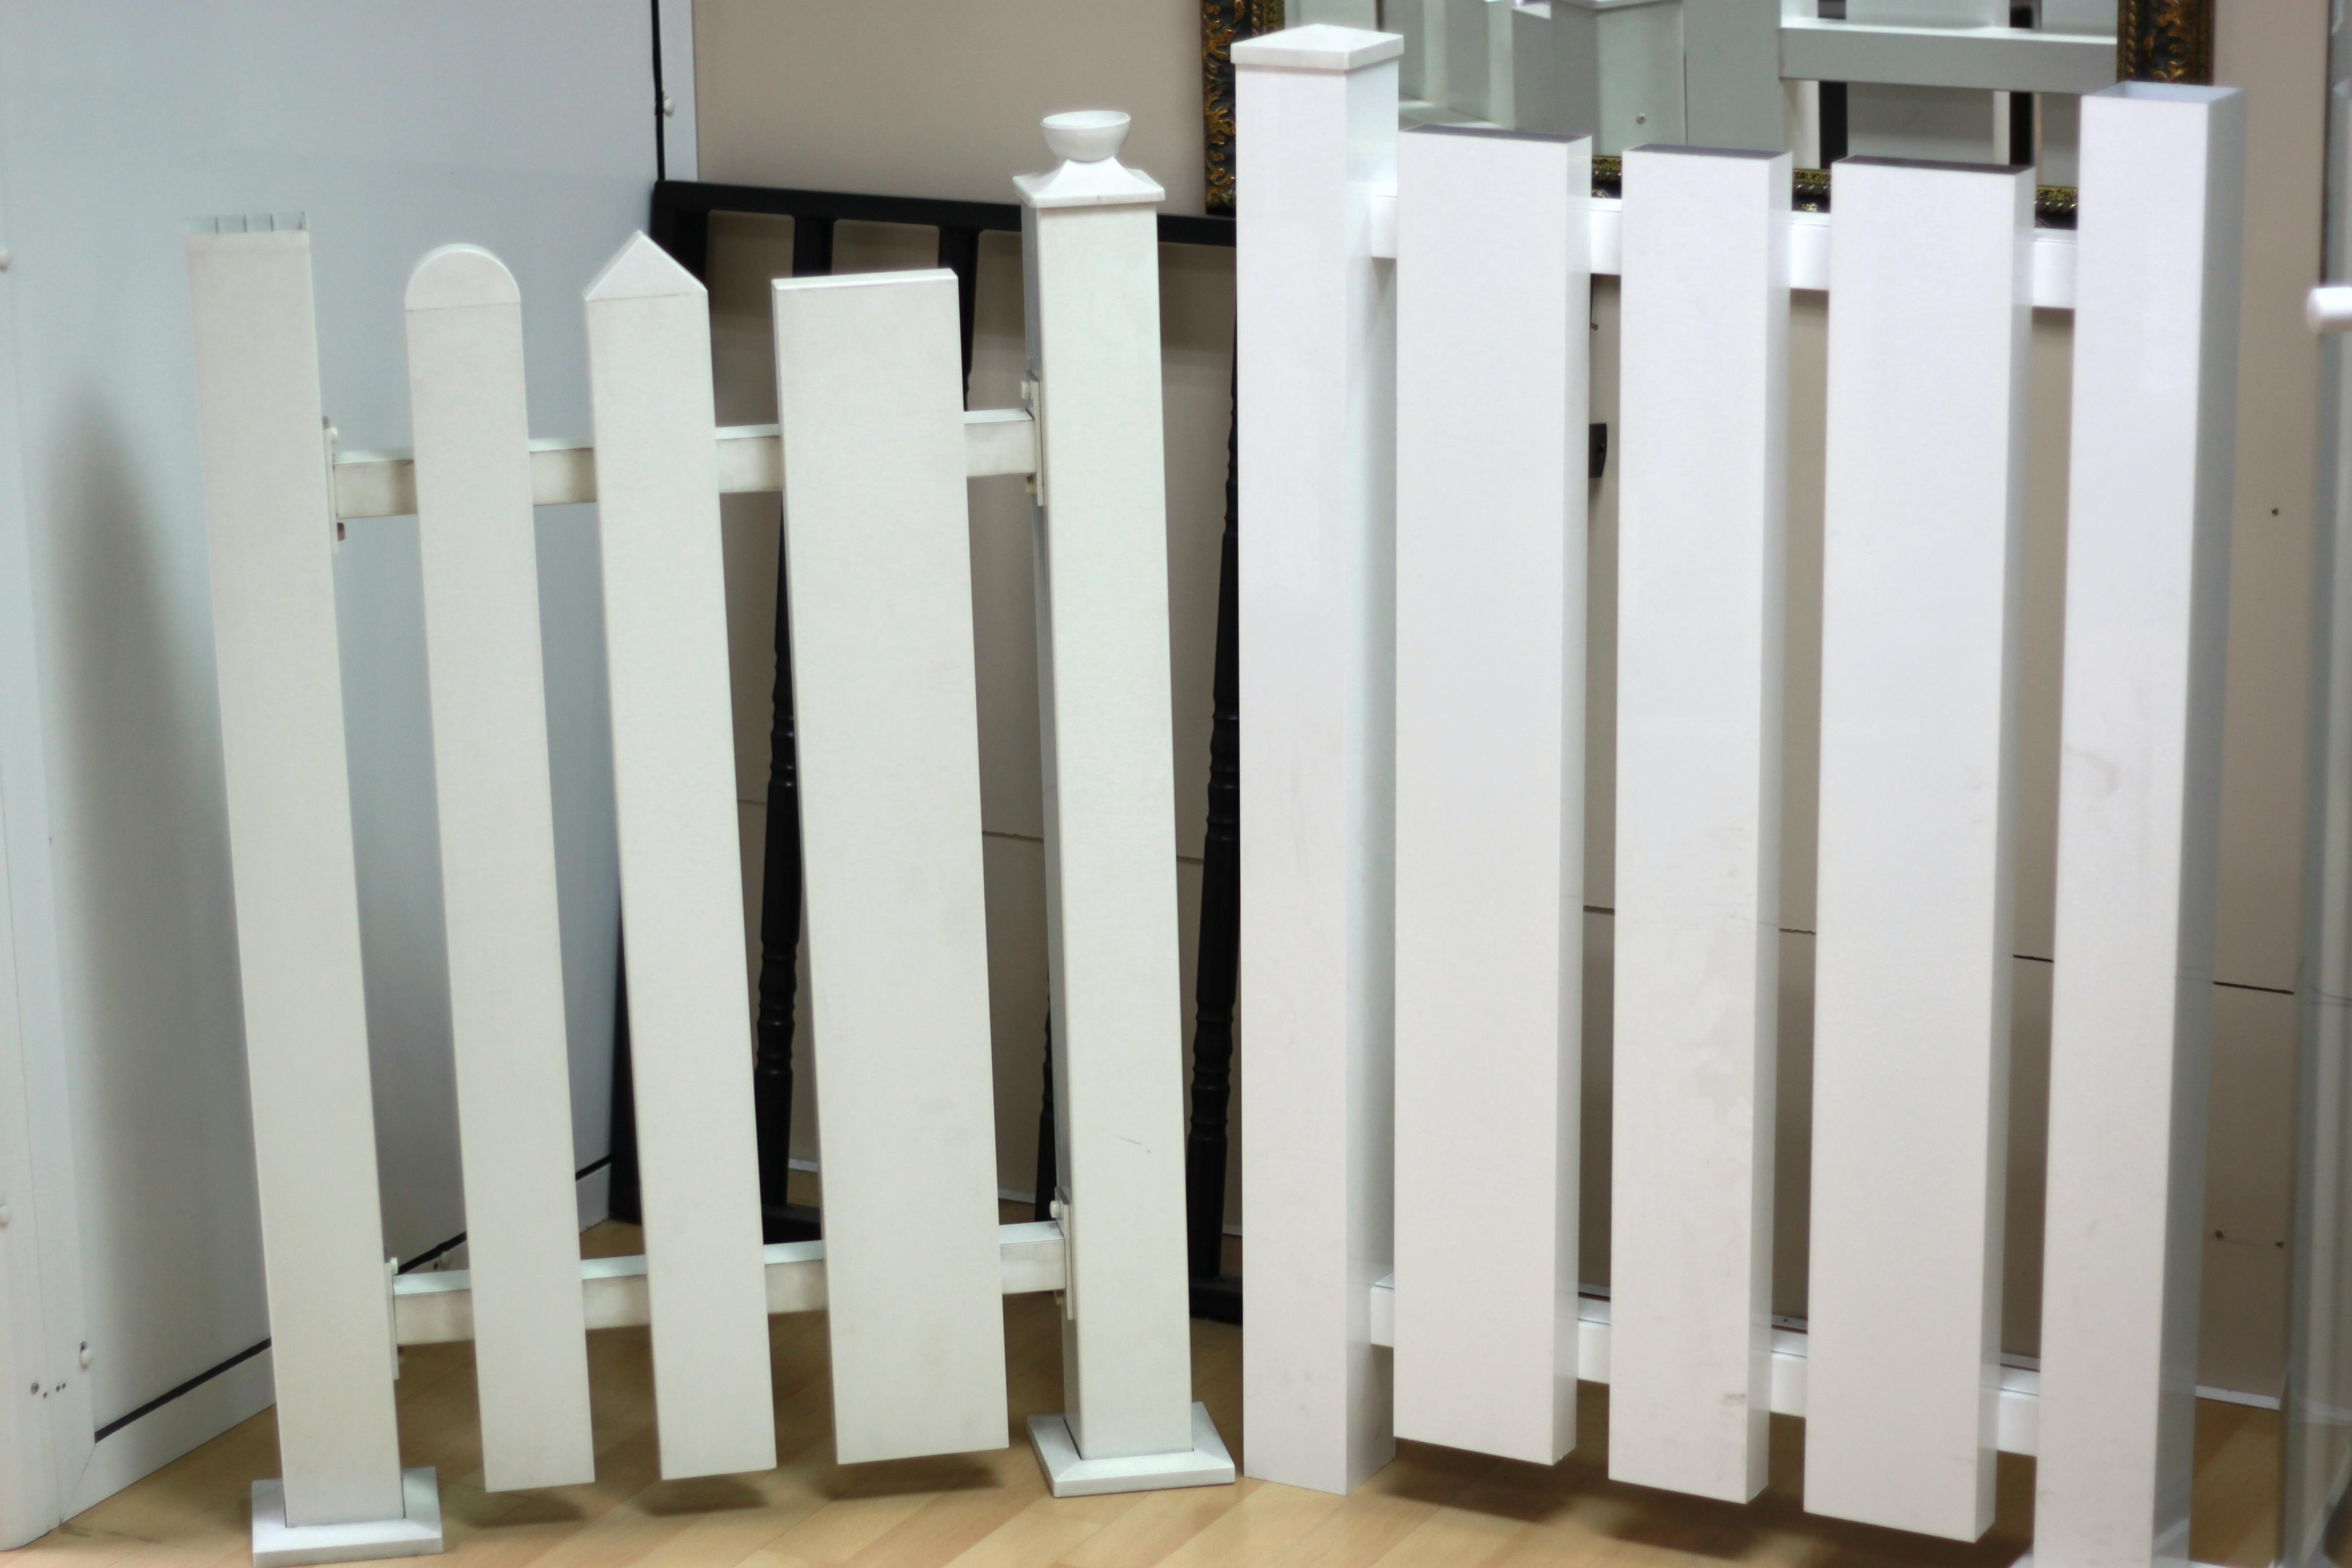 Fabricaci n venta e instalaci n de vallas de jard n en for Vallas de jardin ikea